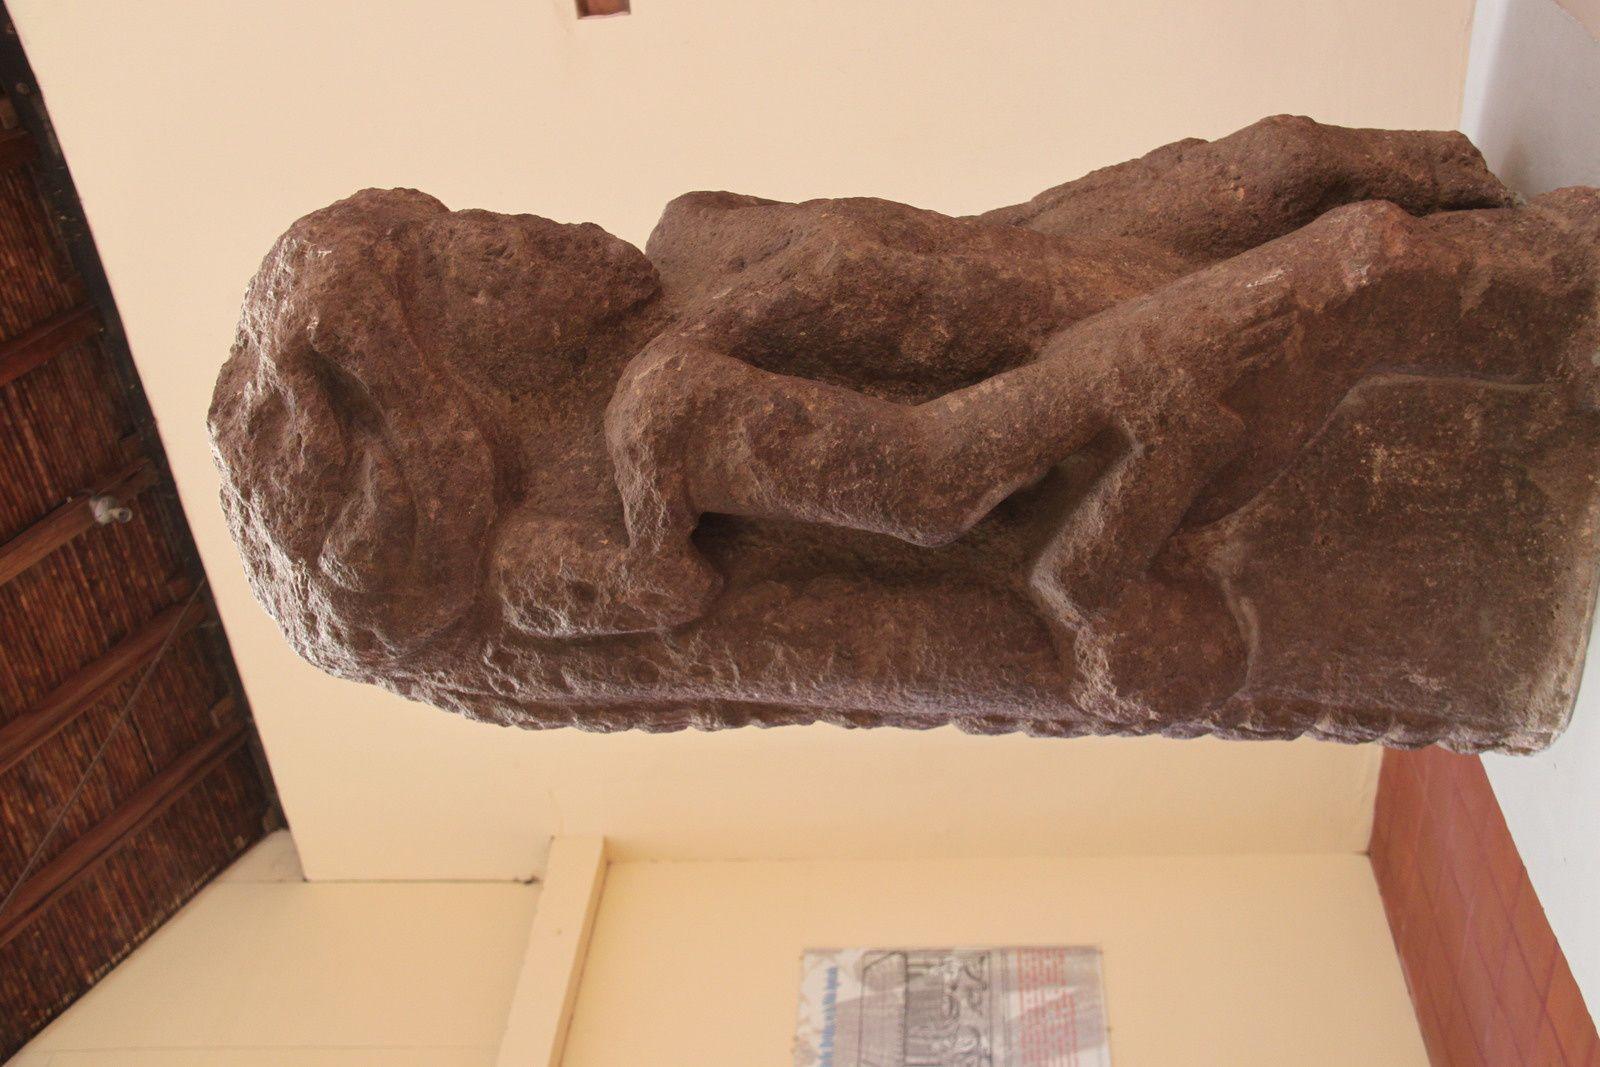 le musée avec ses ceramiques, ses sculptures imposantes et son tableau naif de creche